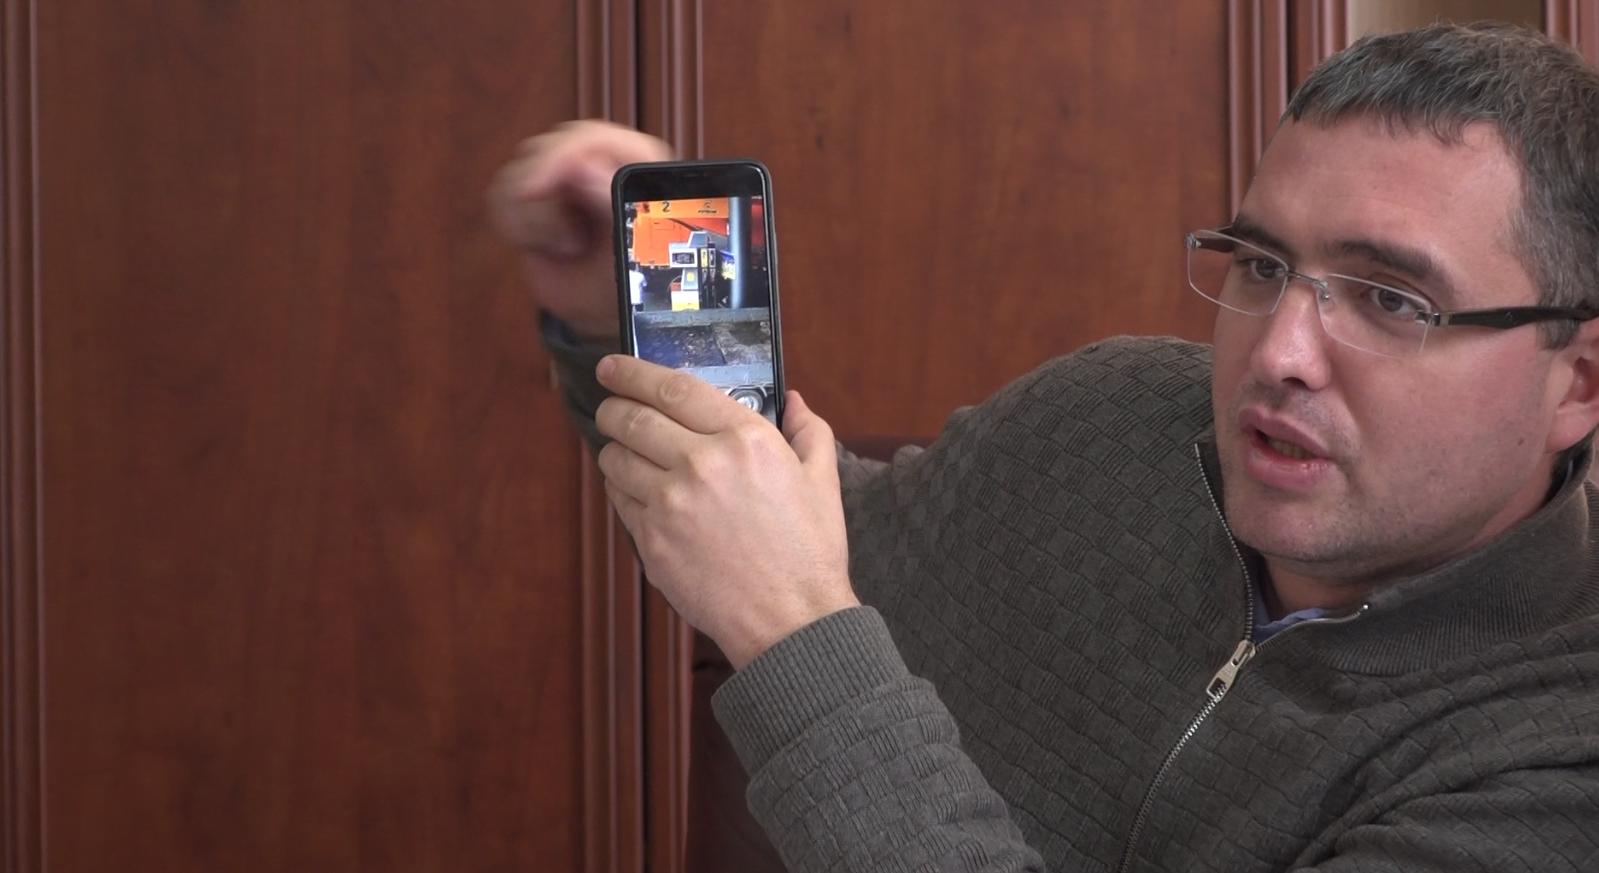 Усатый показал видео: за счет бельцкого предприятия заправляли «левые» машины